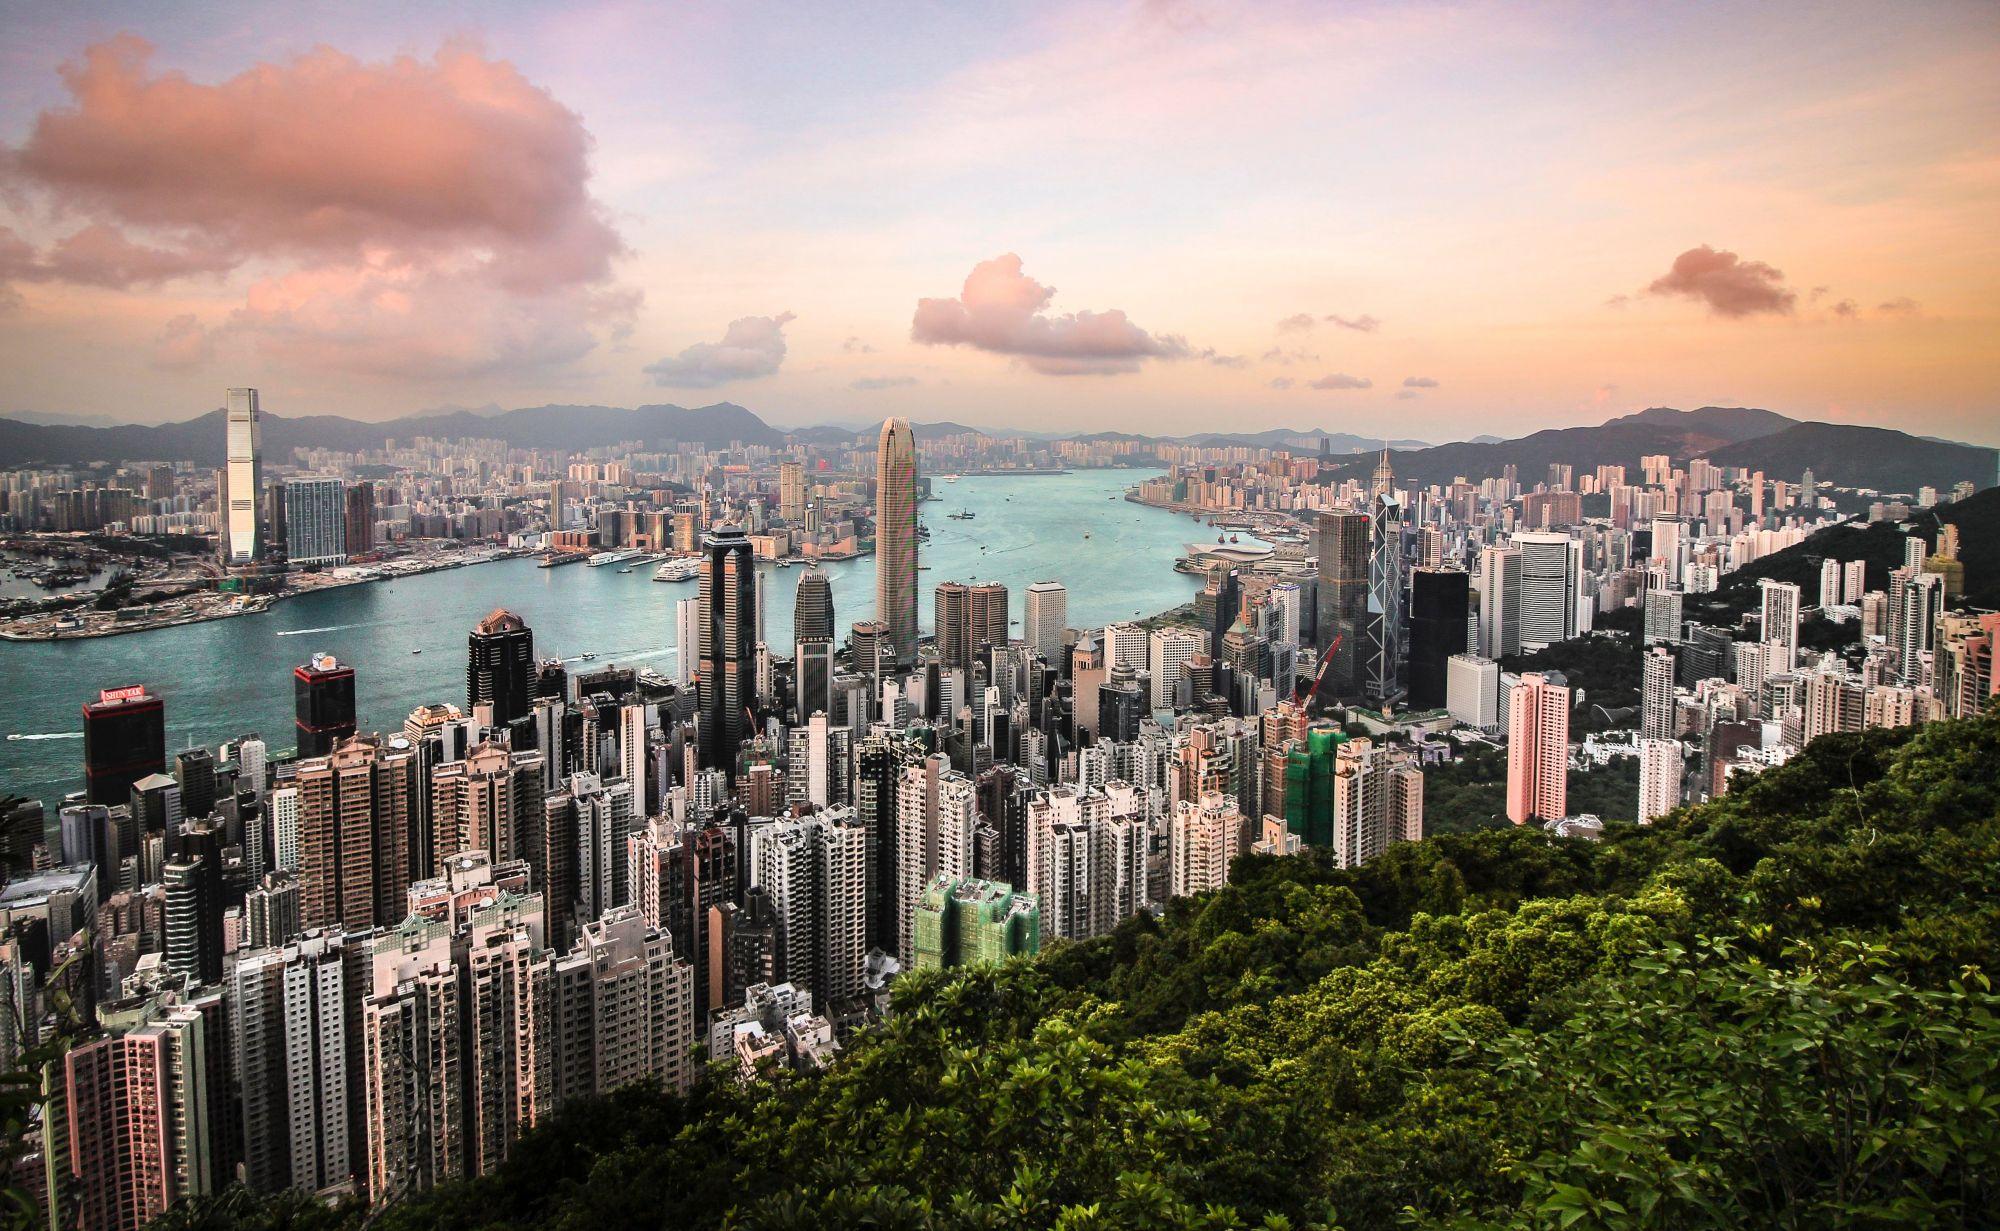 Singapore-Hong Kong Air Travel Bubble to Begin on November 22